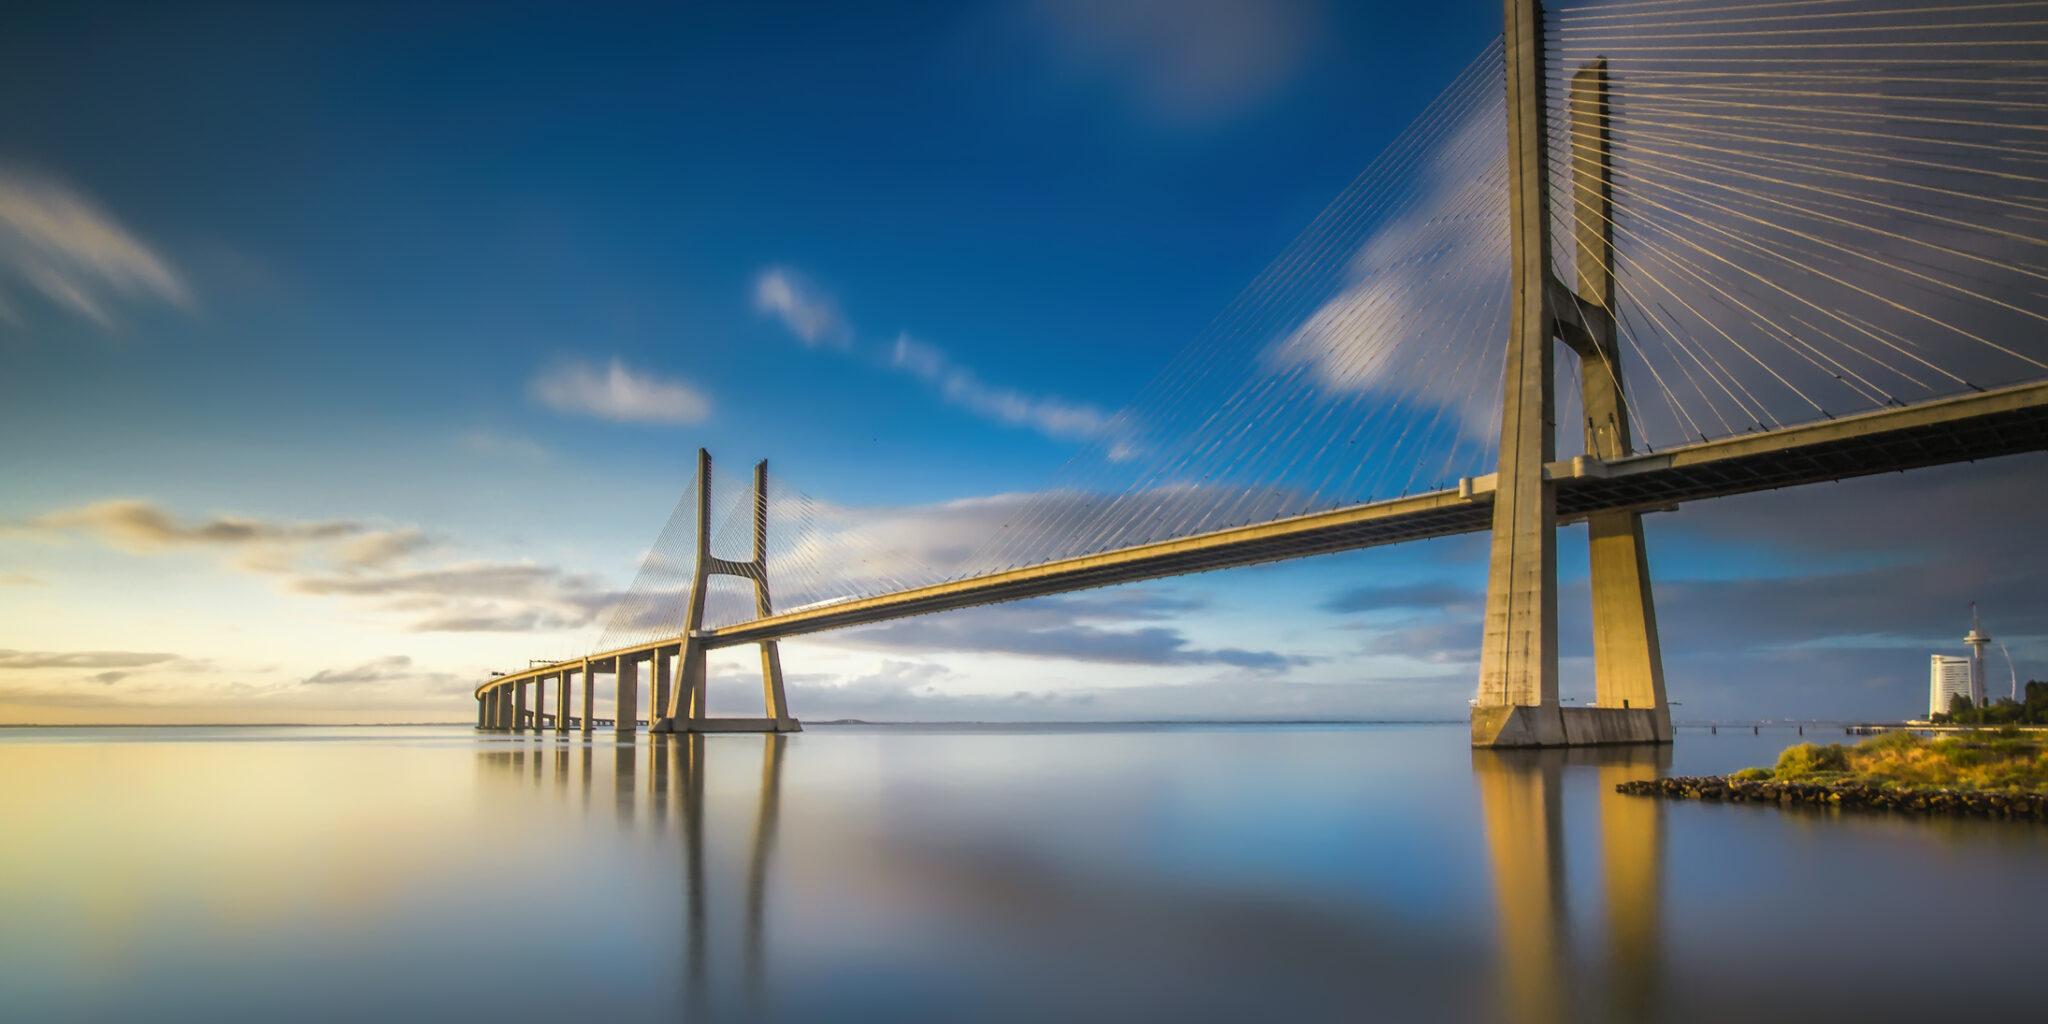 Negócios em Portugal promove clusters de competitividade